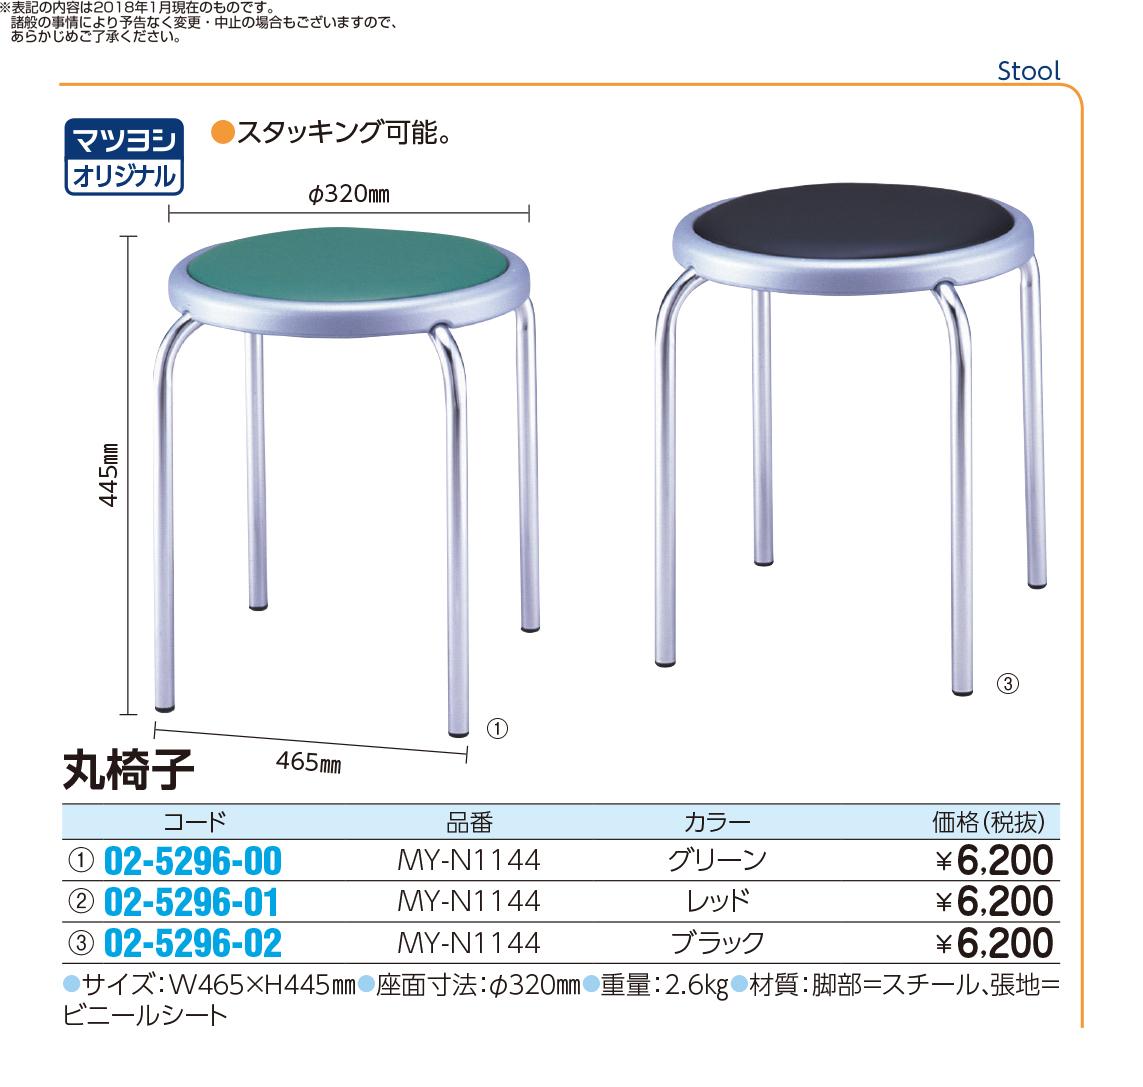 (02-5296-01)丸椅子 MY-N1144(レッド) マルイス(ノーリツイス)【1台単位】【2018年カタログ商品】